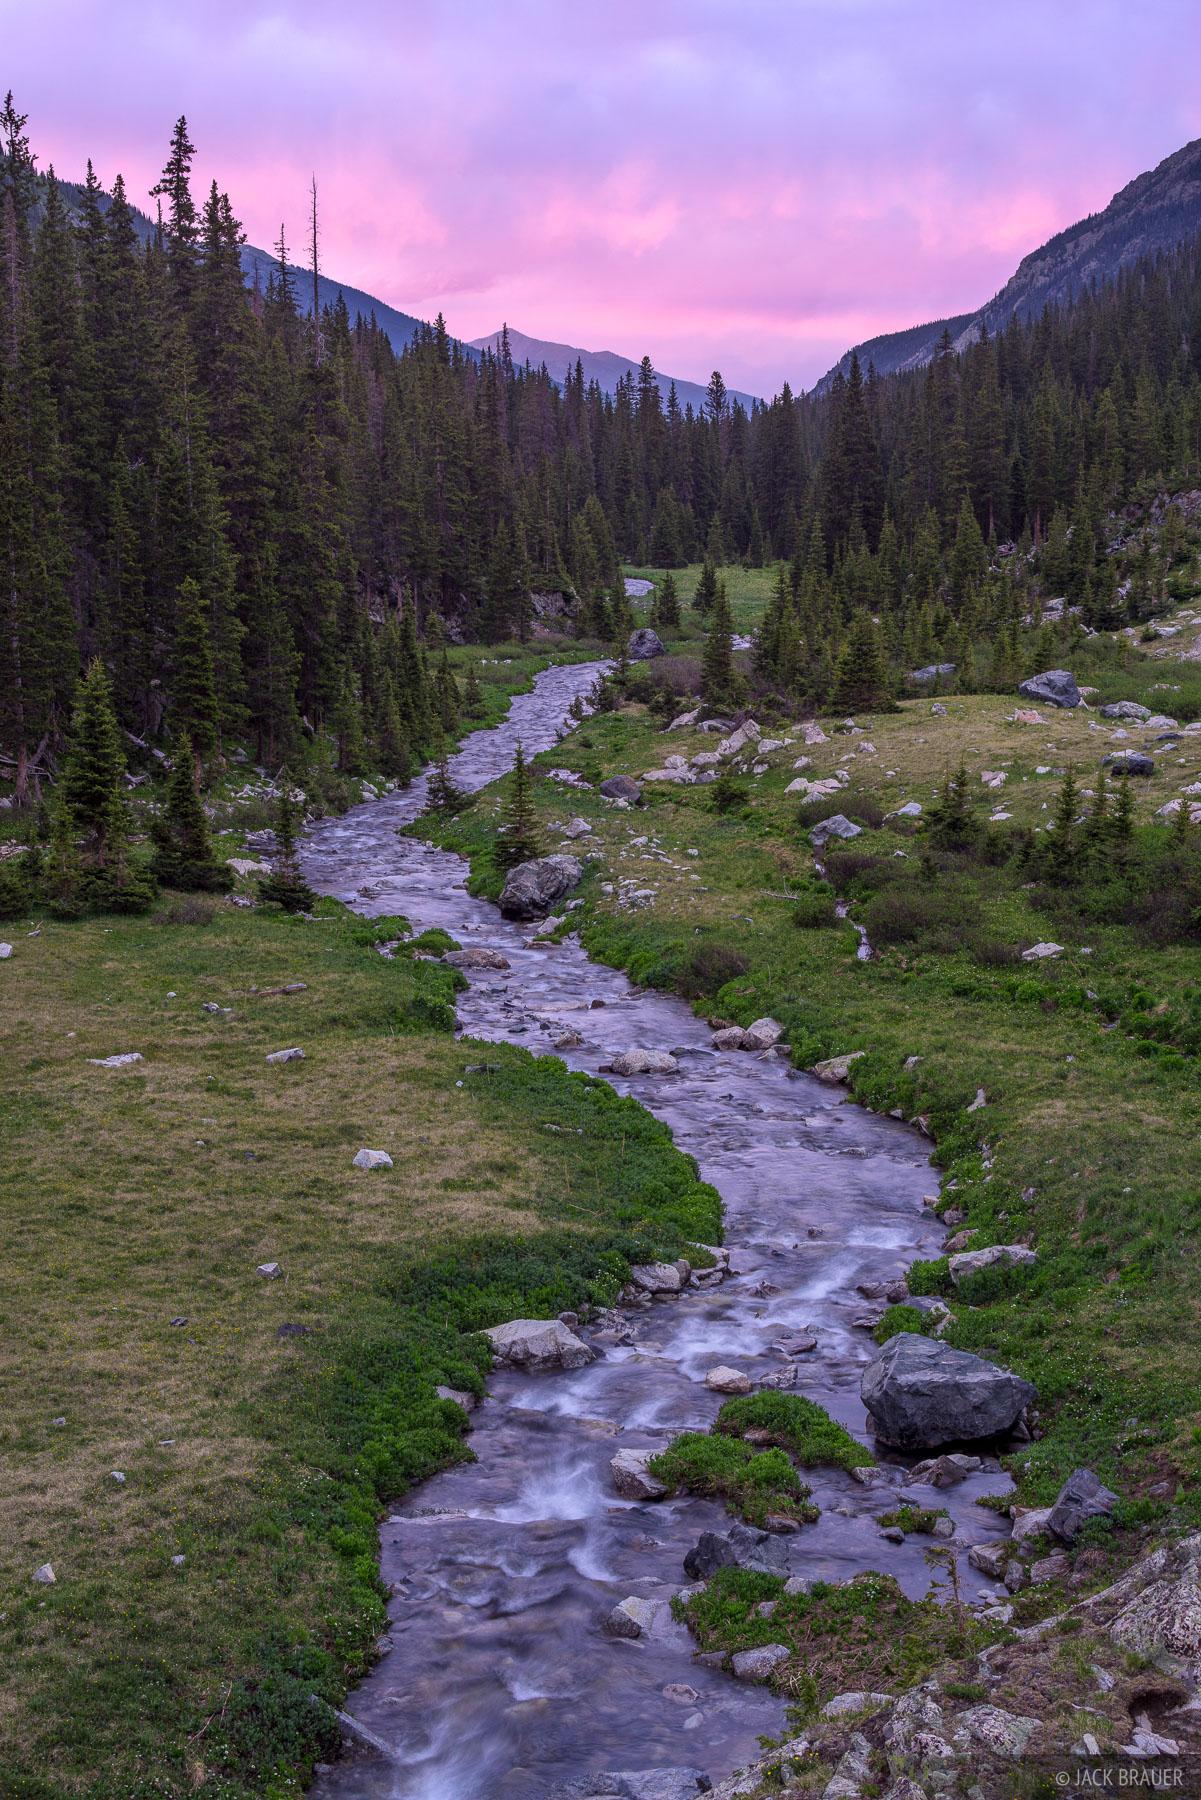 Colorado,Sangre de Cristos, Huerfano, sunset, river, photo